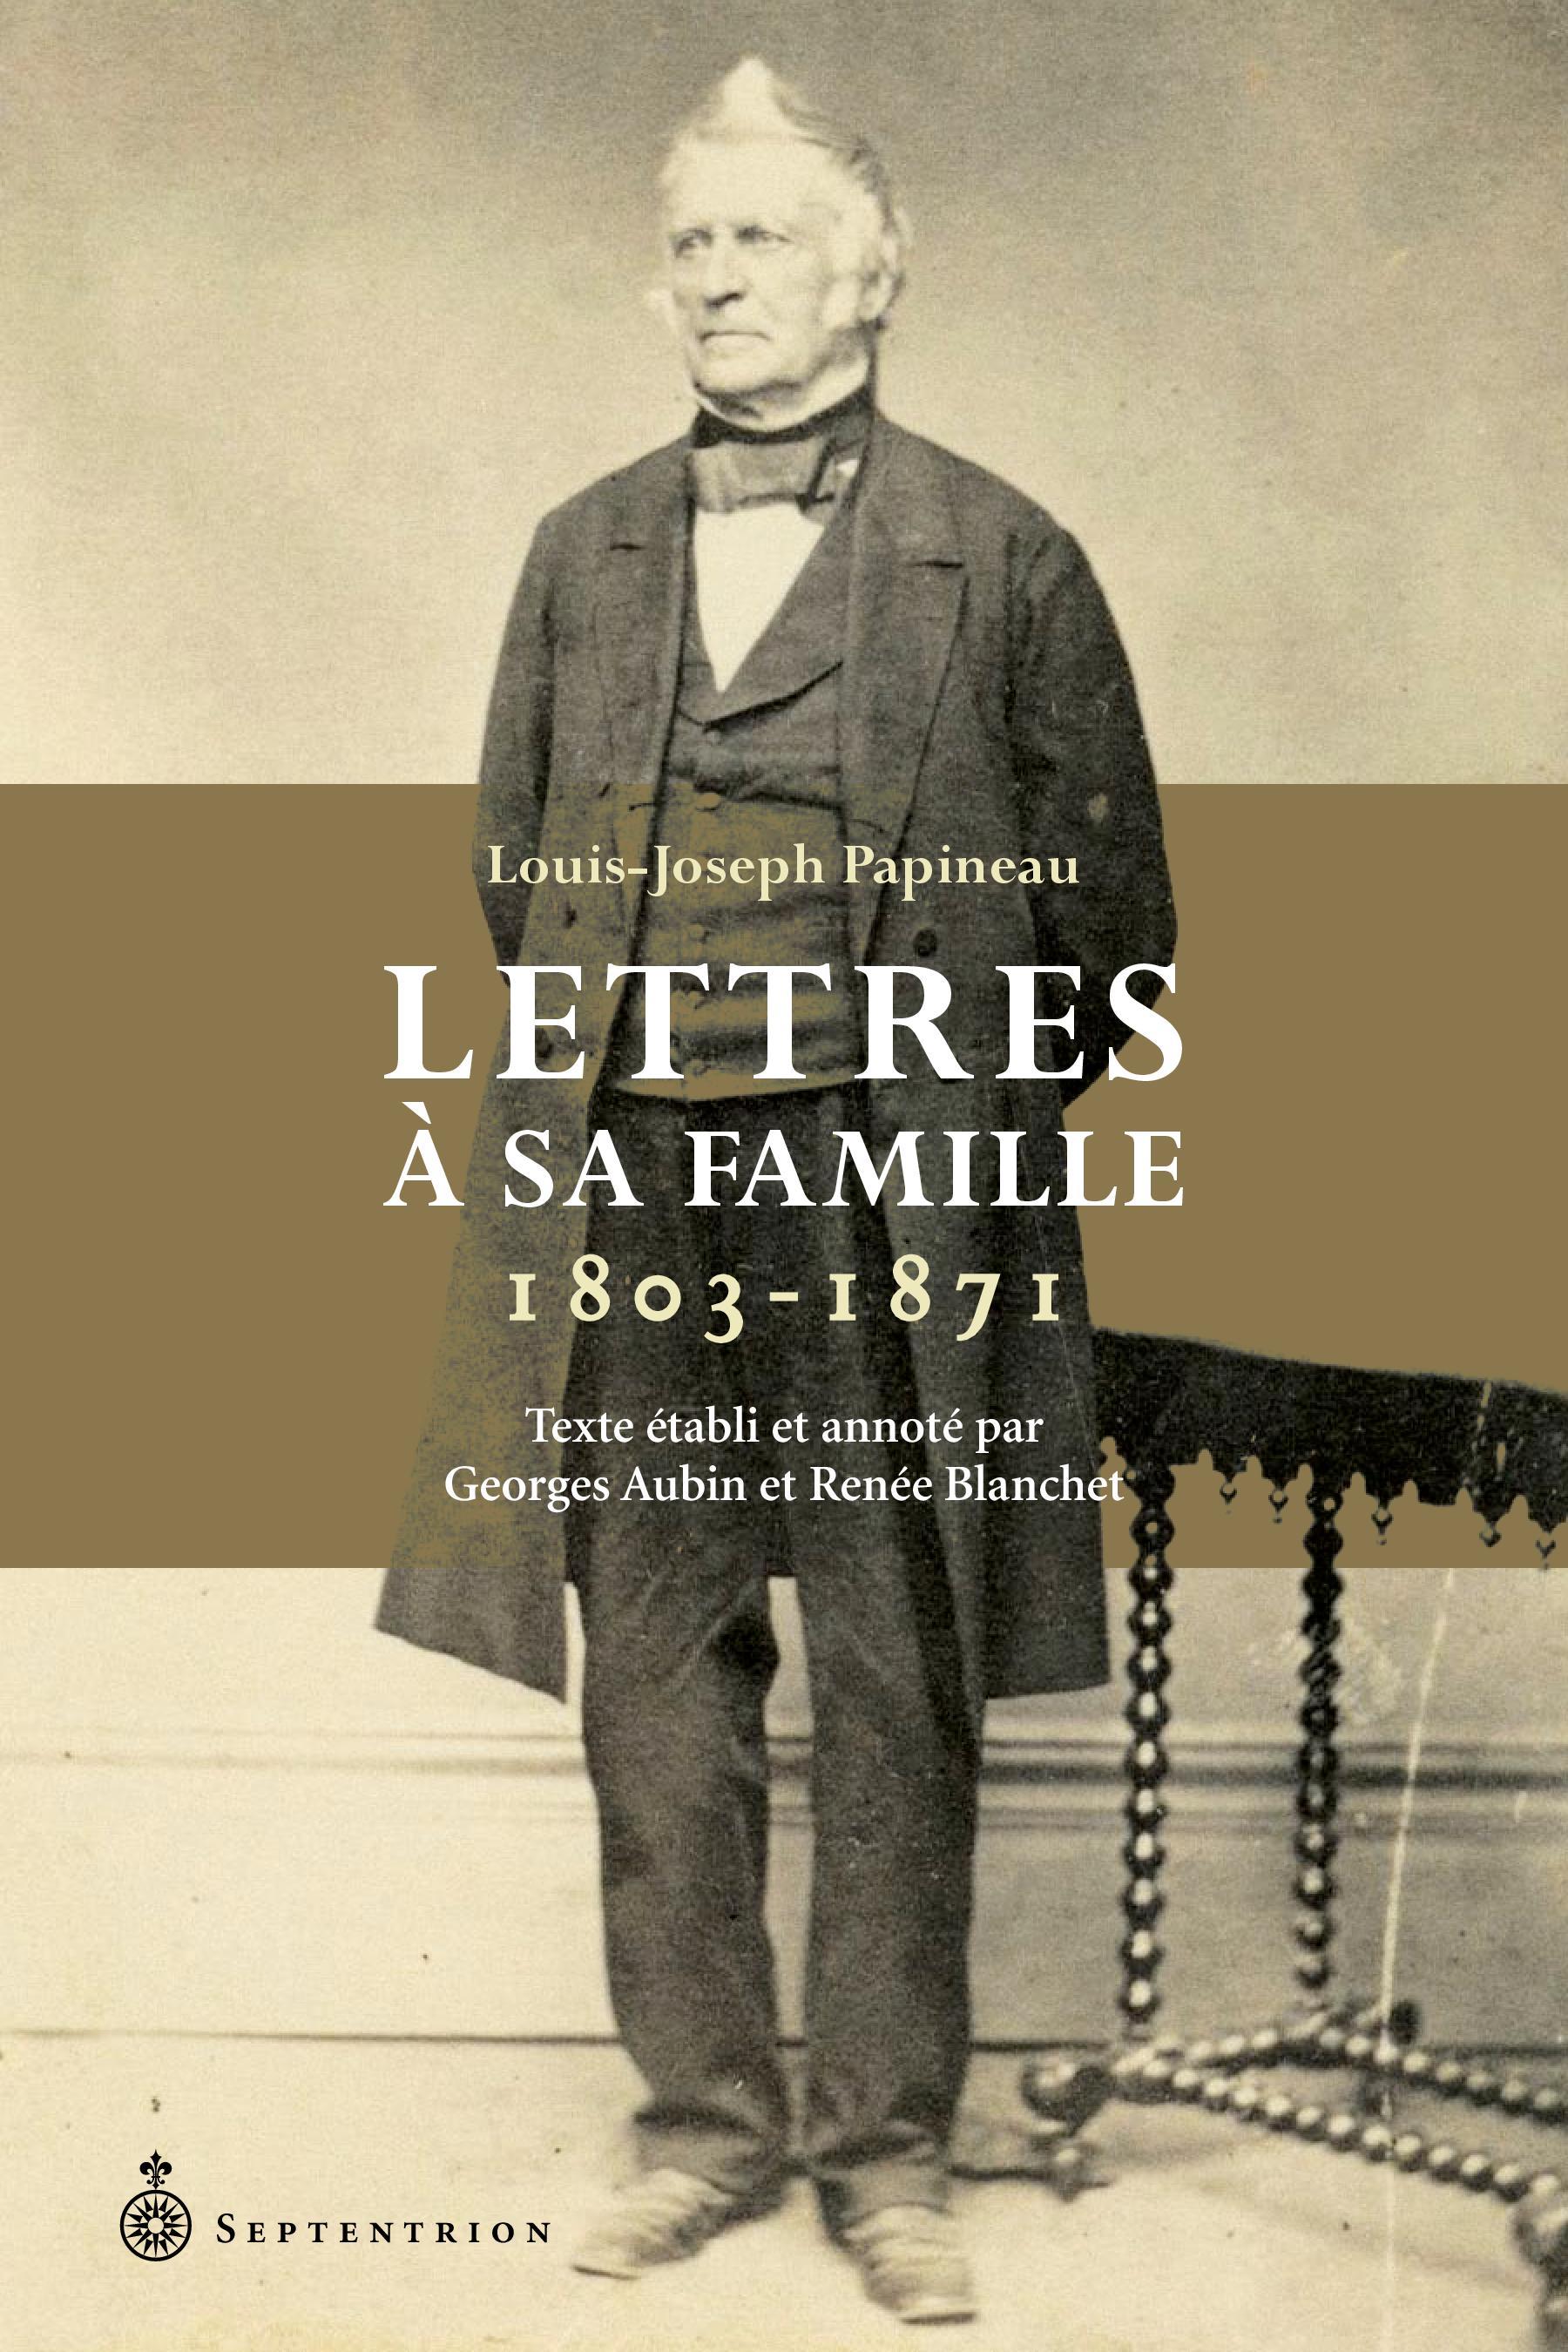 Lettres à sa famille. 1803-1871